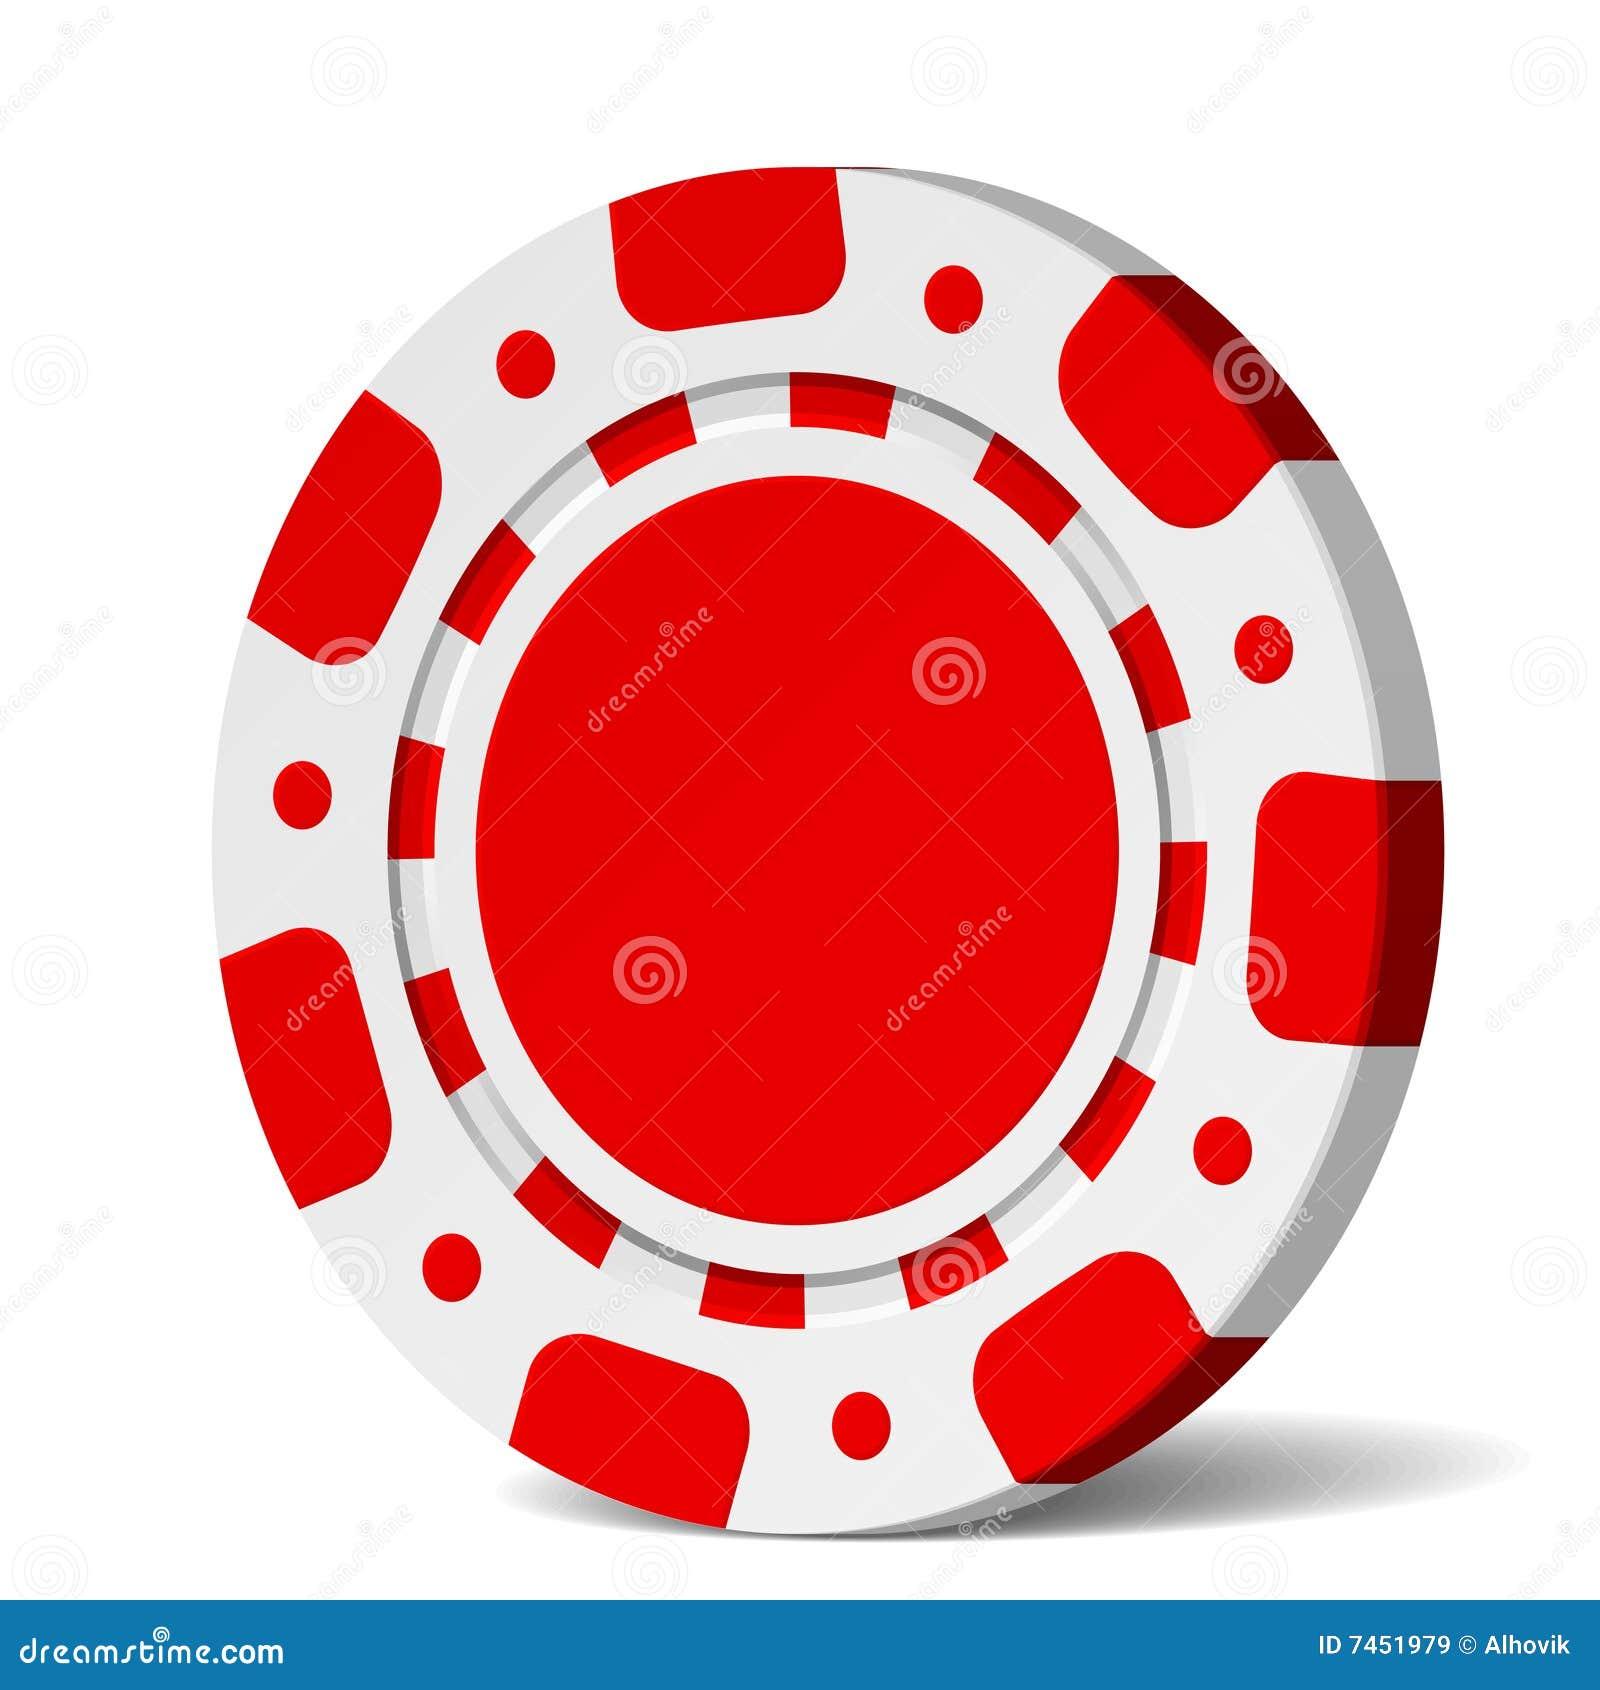 Casino chip free new gambling funding